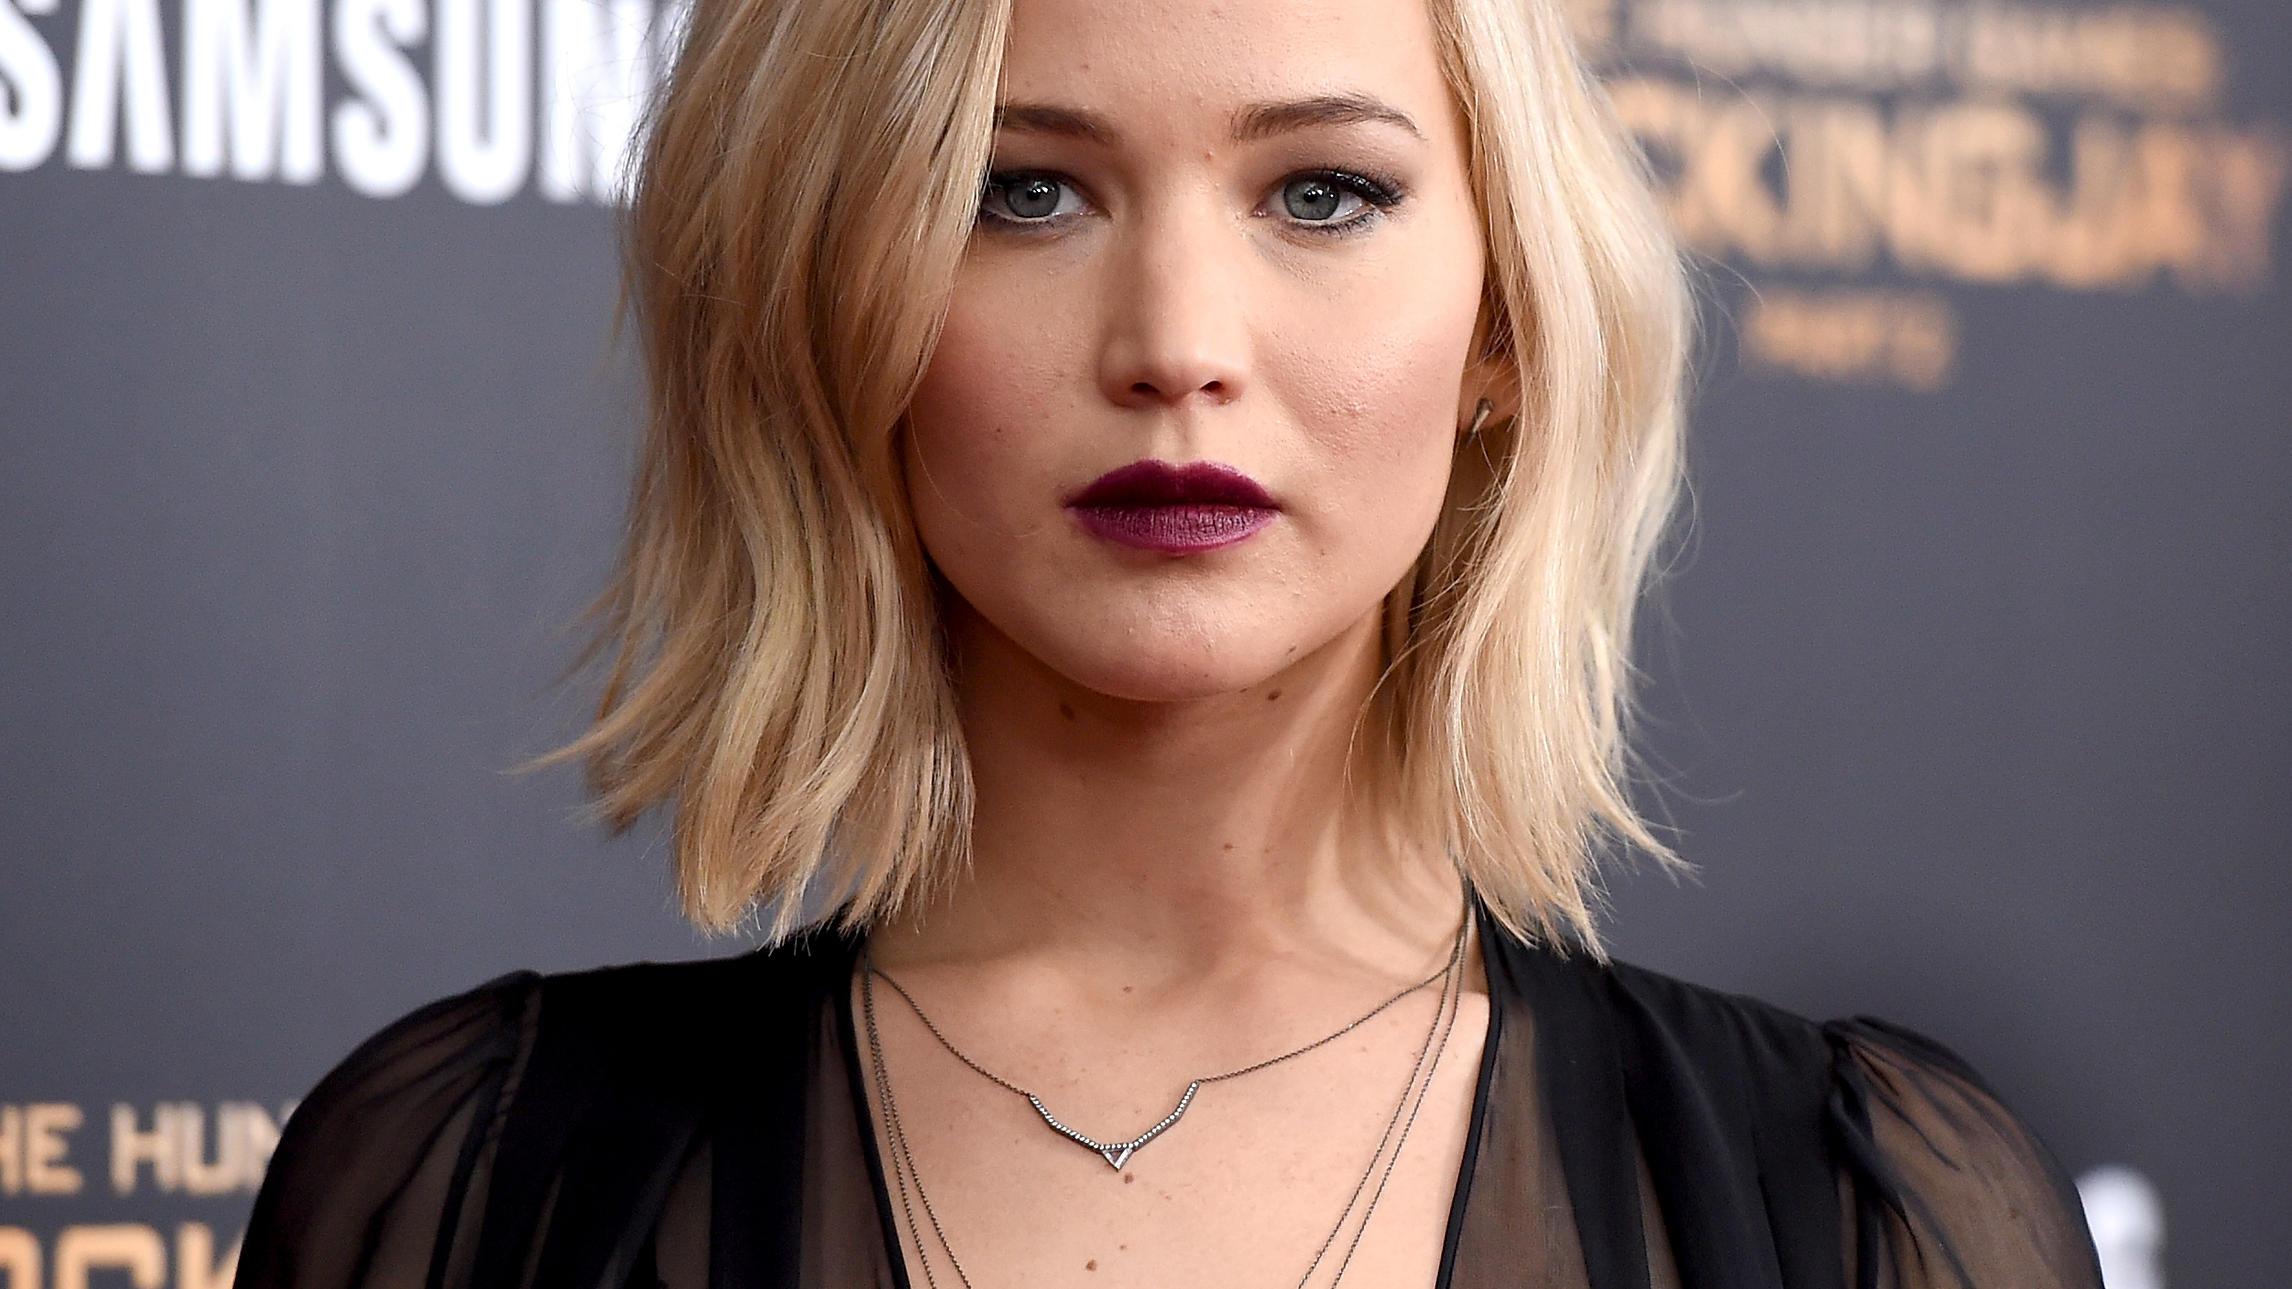 Nacktbilder-Skandal: So schlimm ging es Jennifer Lawrence